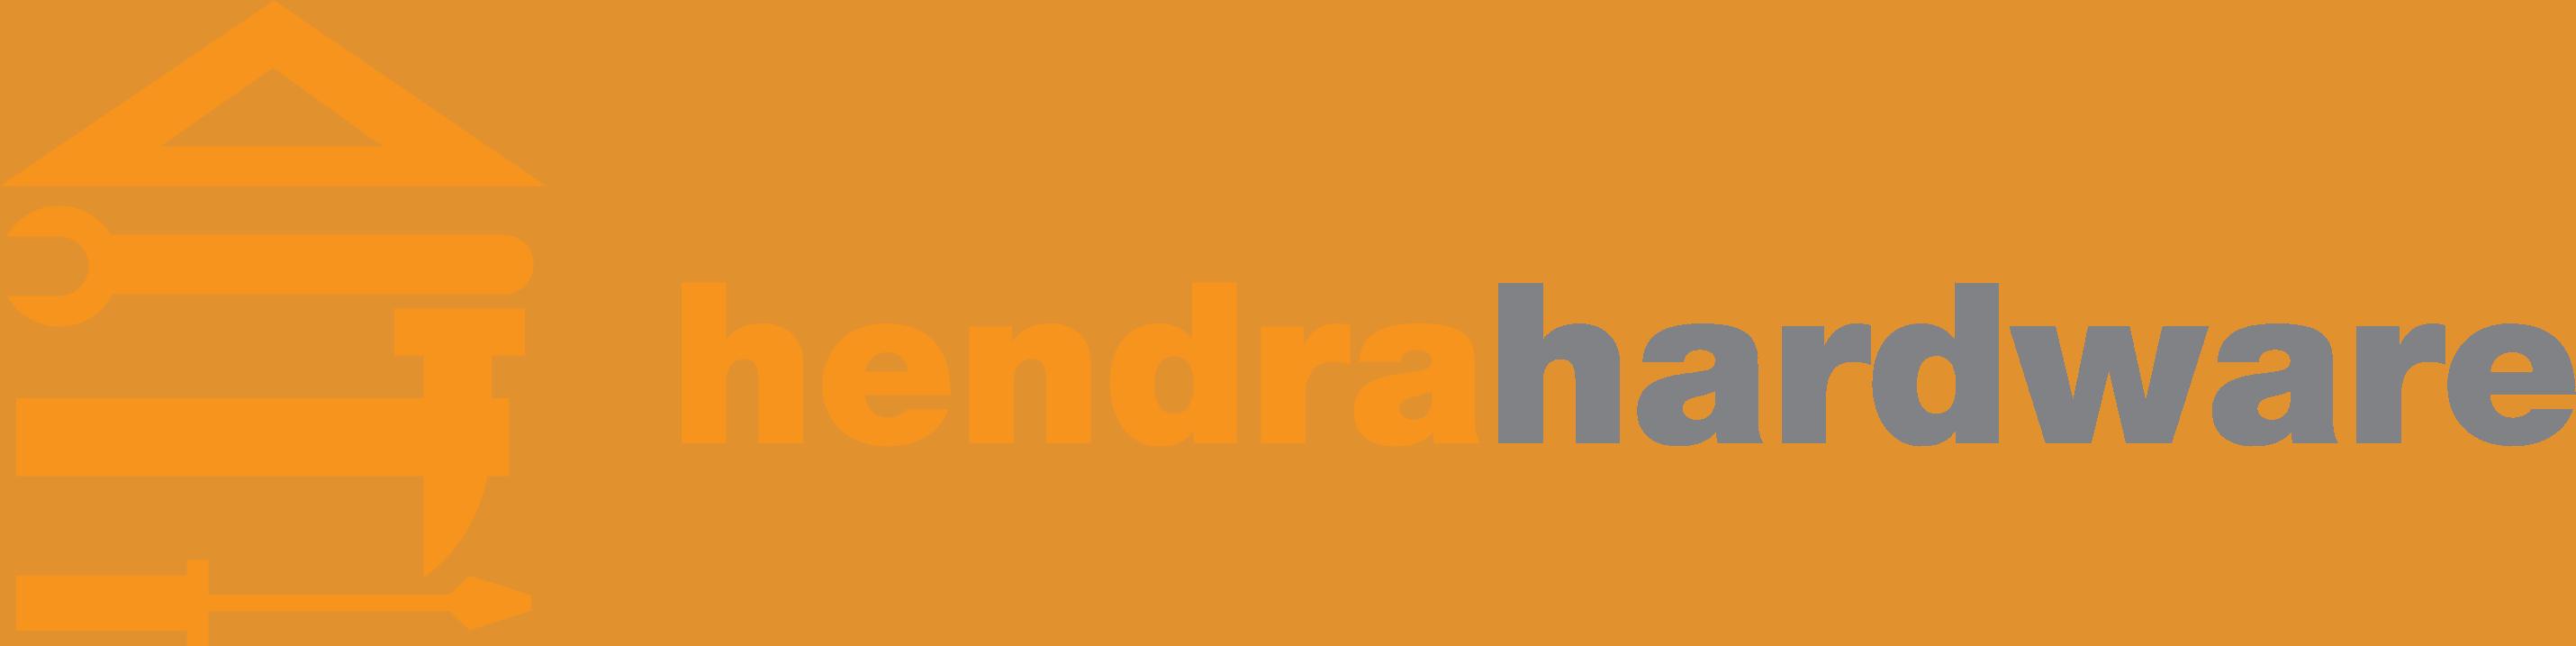 hendra hardware logo